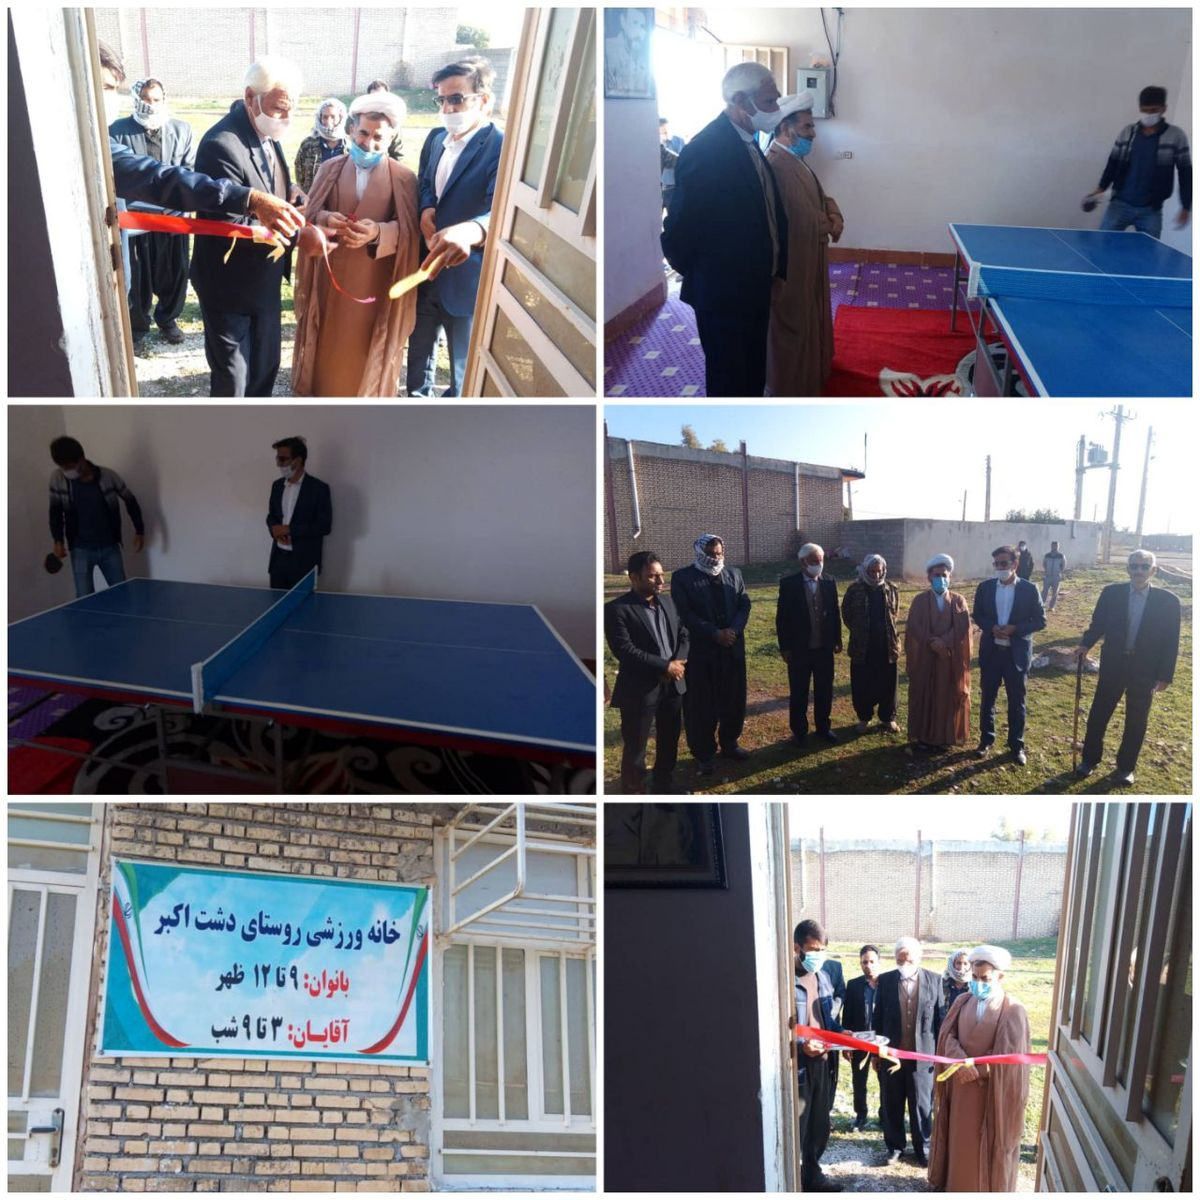 خانه ورزش روستایی دشت اکبرشهرستان دهلران افتتاح گردید